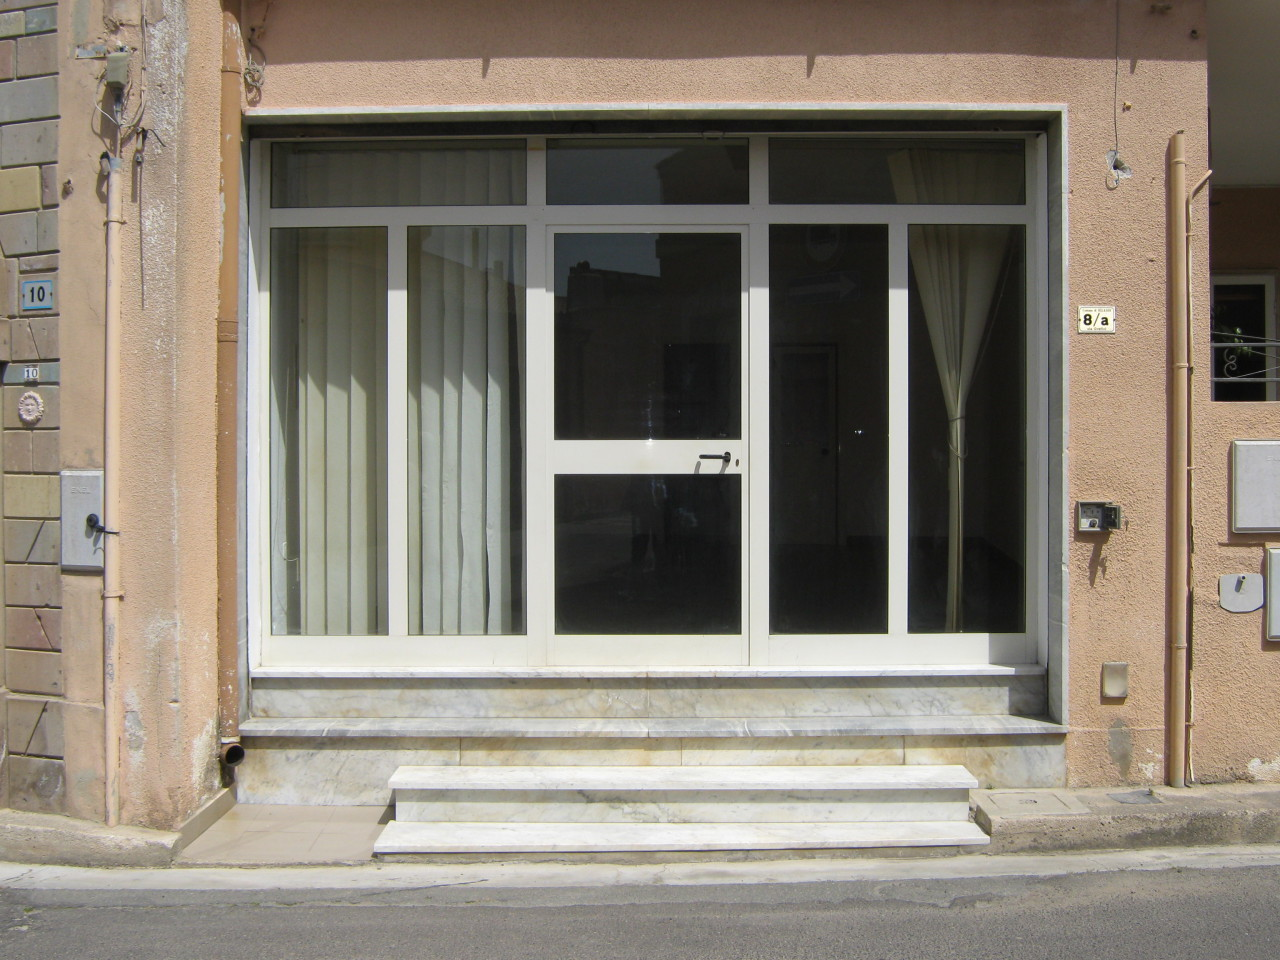 Negozio / Locale in affitto a Villasor, 1 locali, prezzo € 280 | Cambio Casa.it